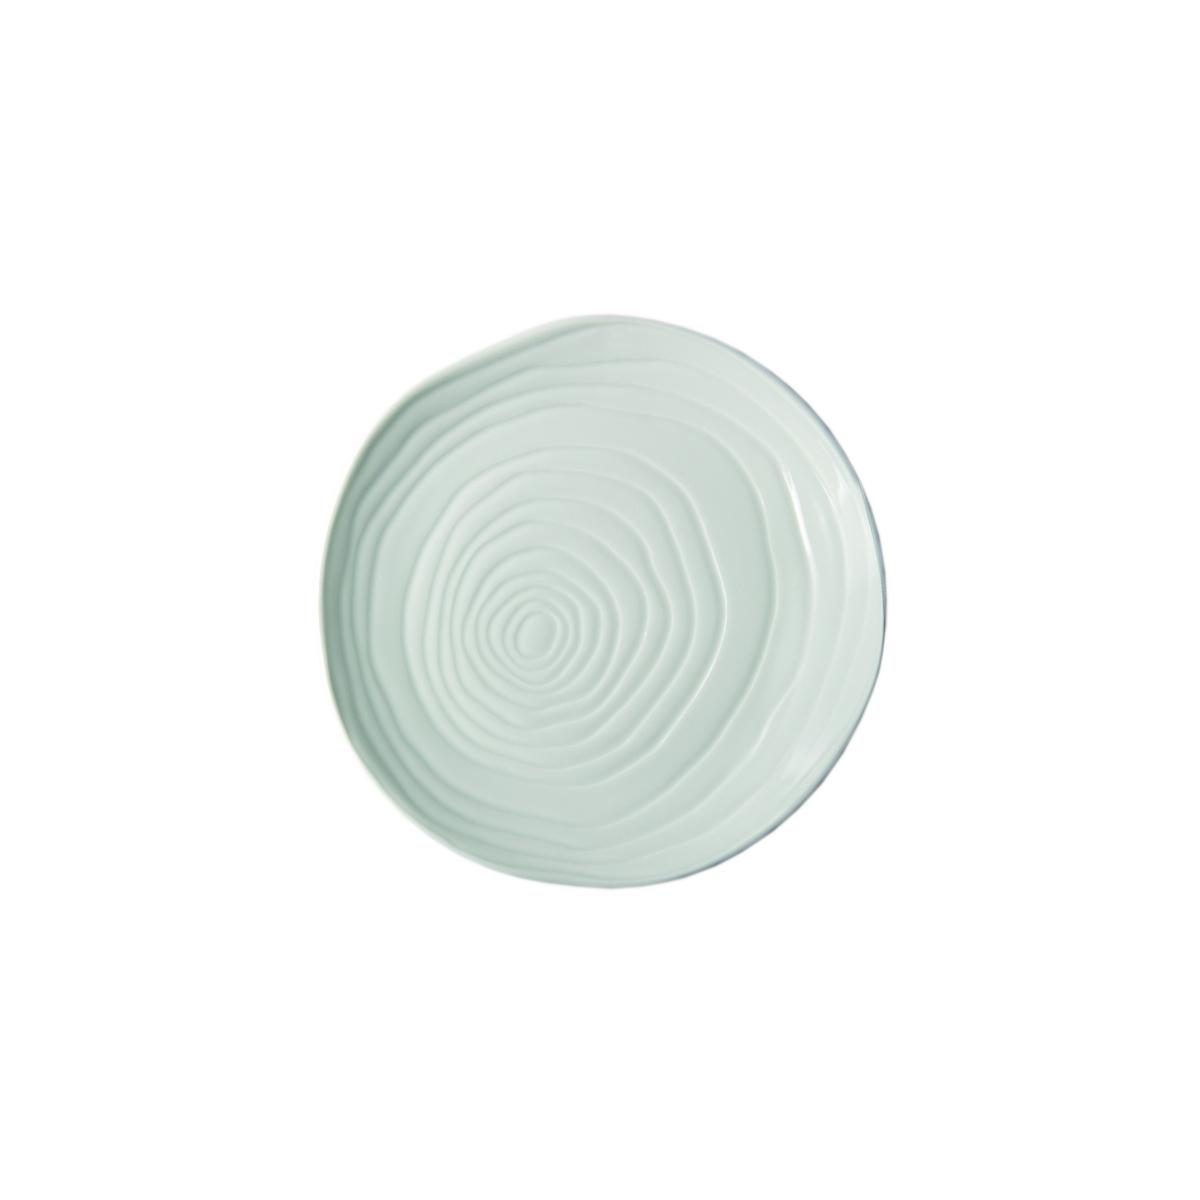 Assiette coupe plate ronde blanc porcelaine Ø 16,50 cm Teck Pillivuyt